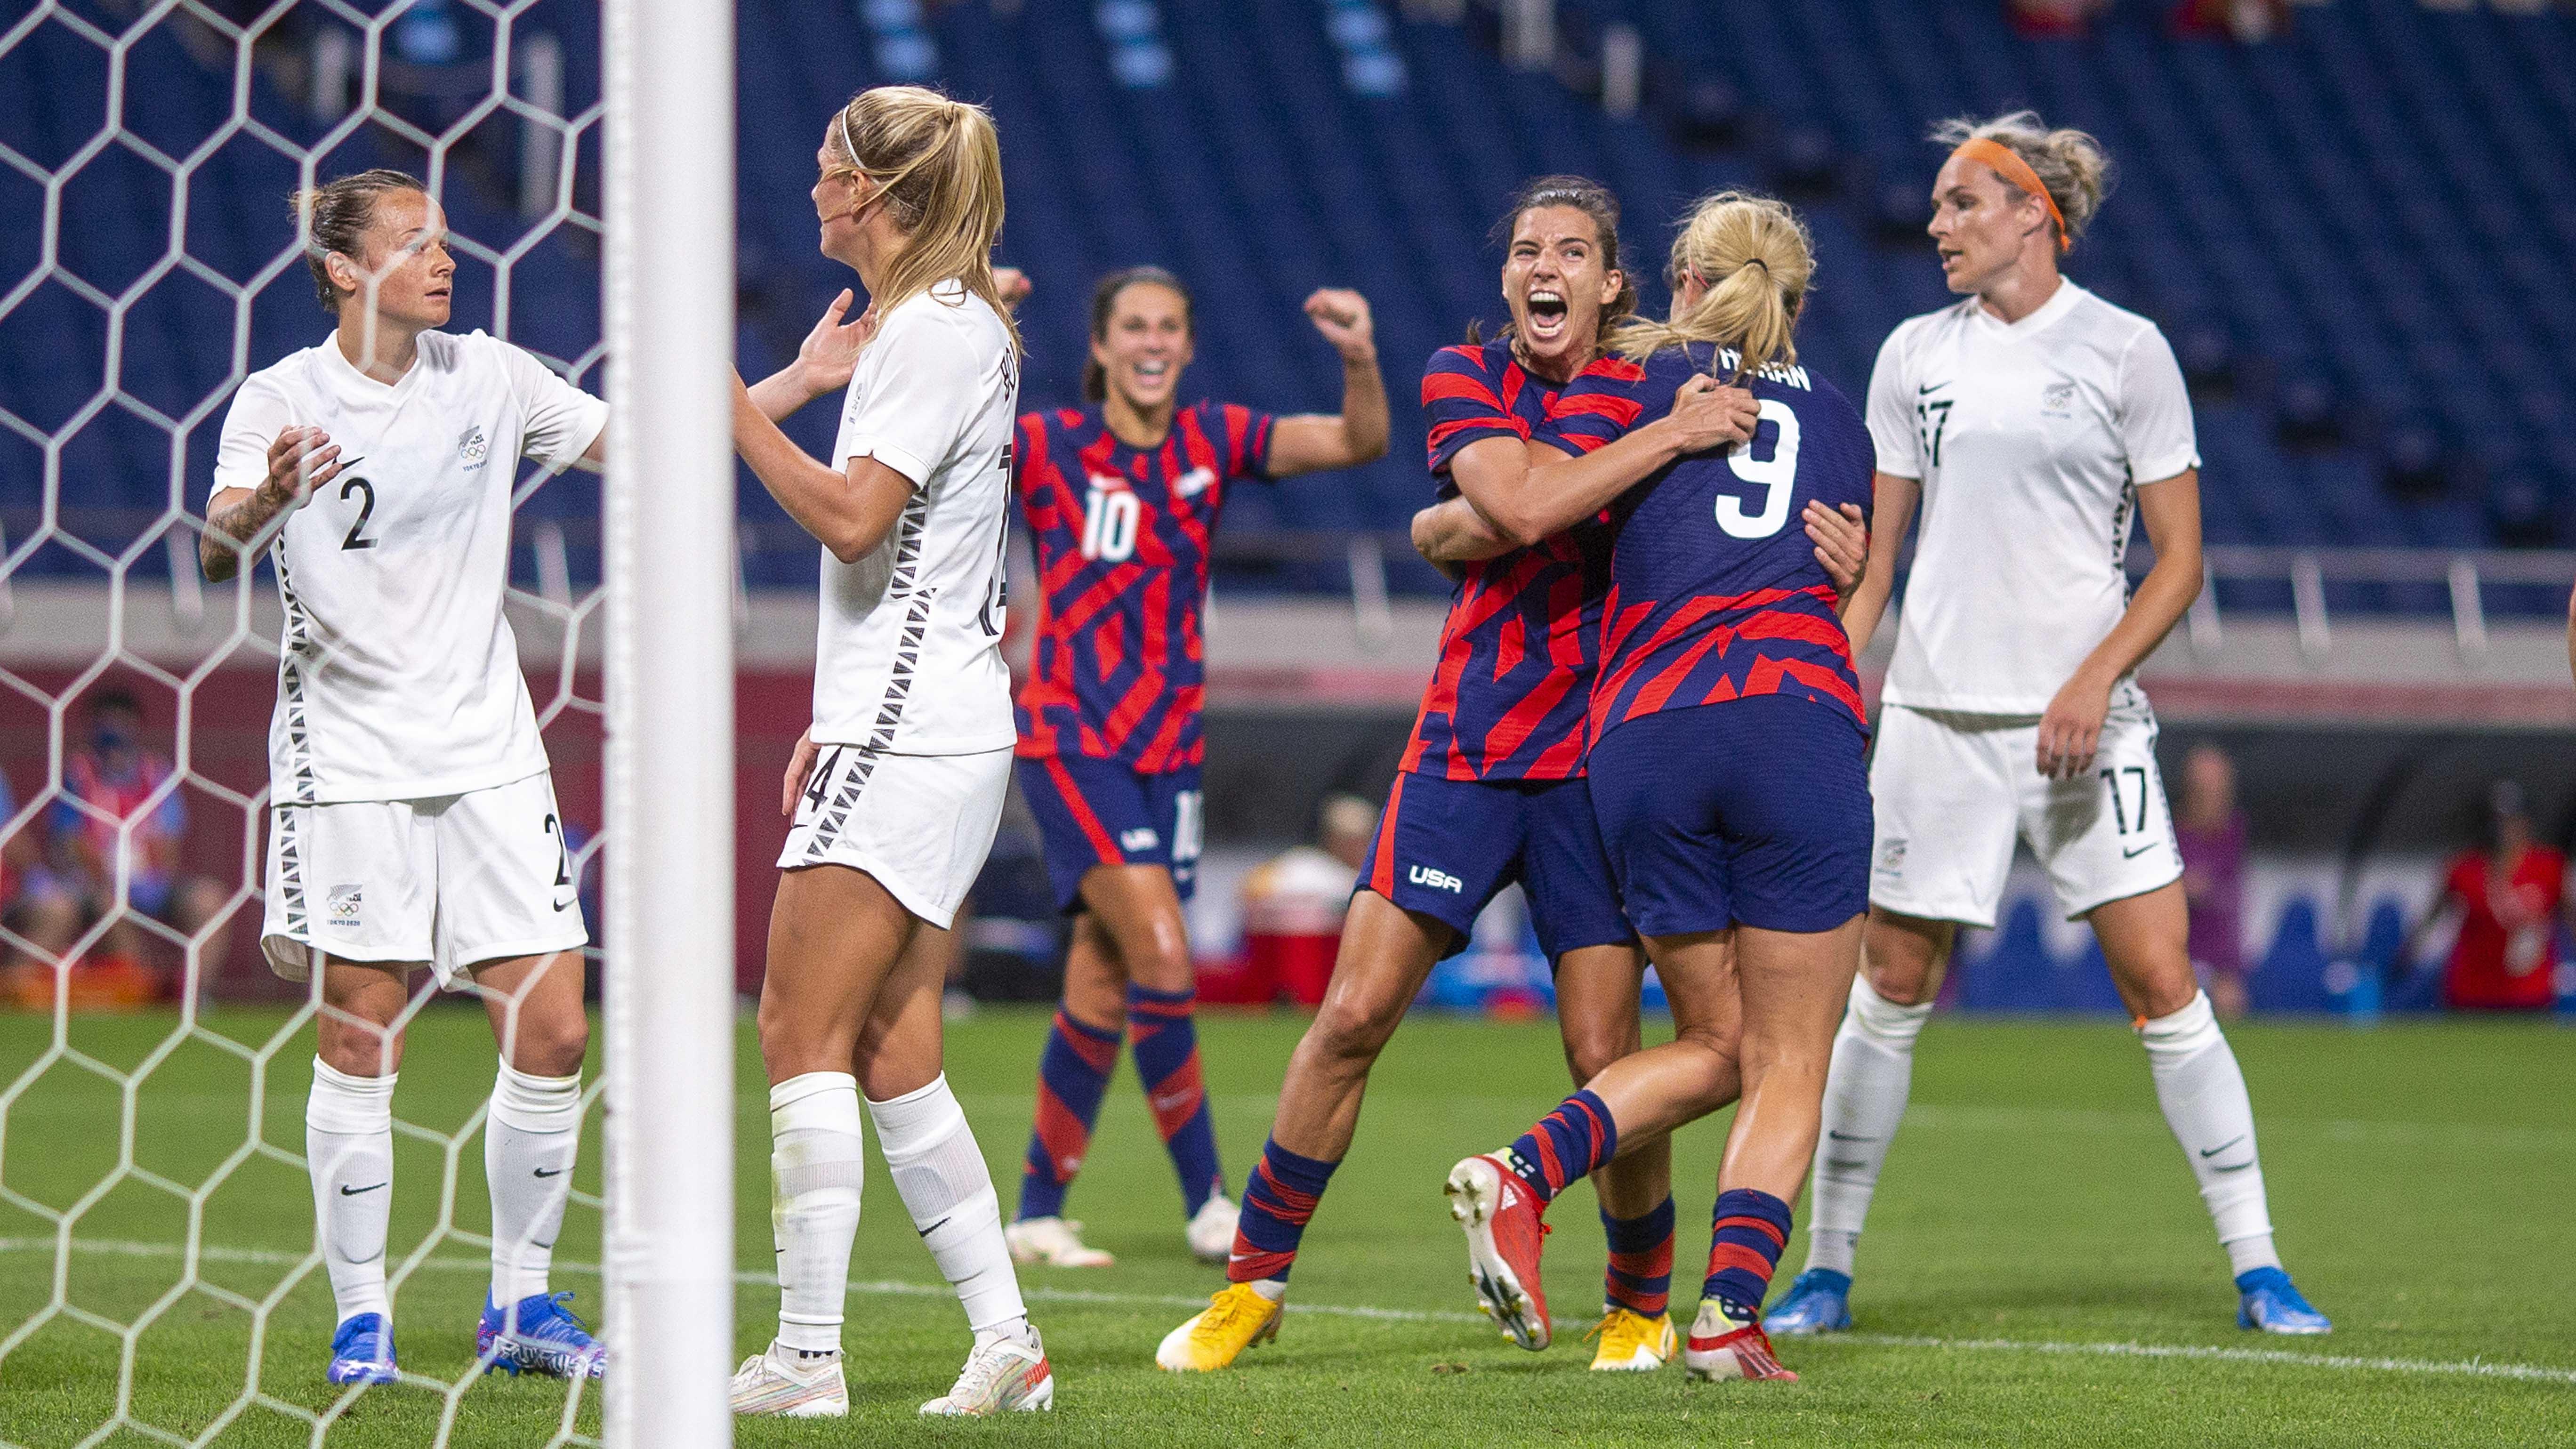 Con goleada ante Nueva Zelanda: selección femenina de fútbol de EEUU se recupera de derrota inicial